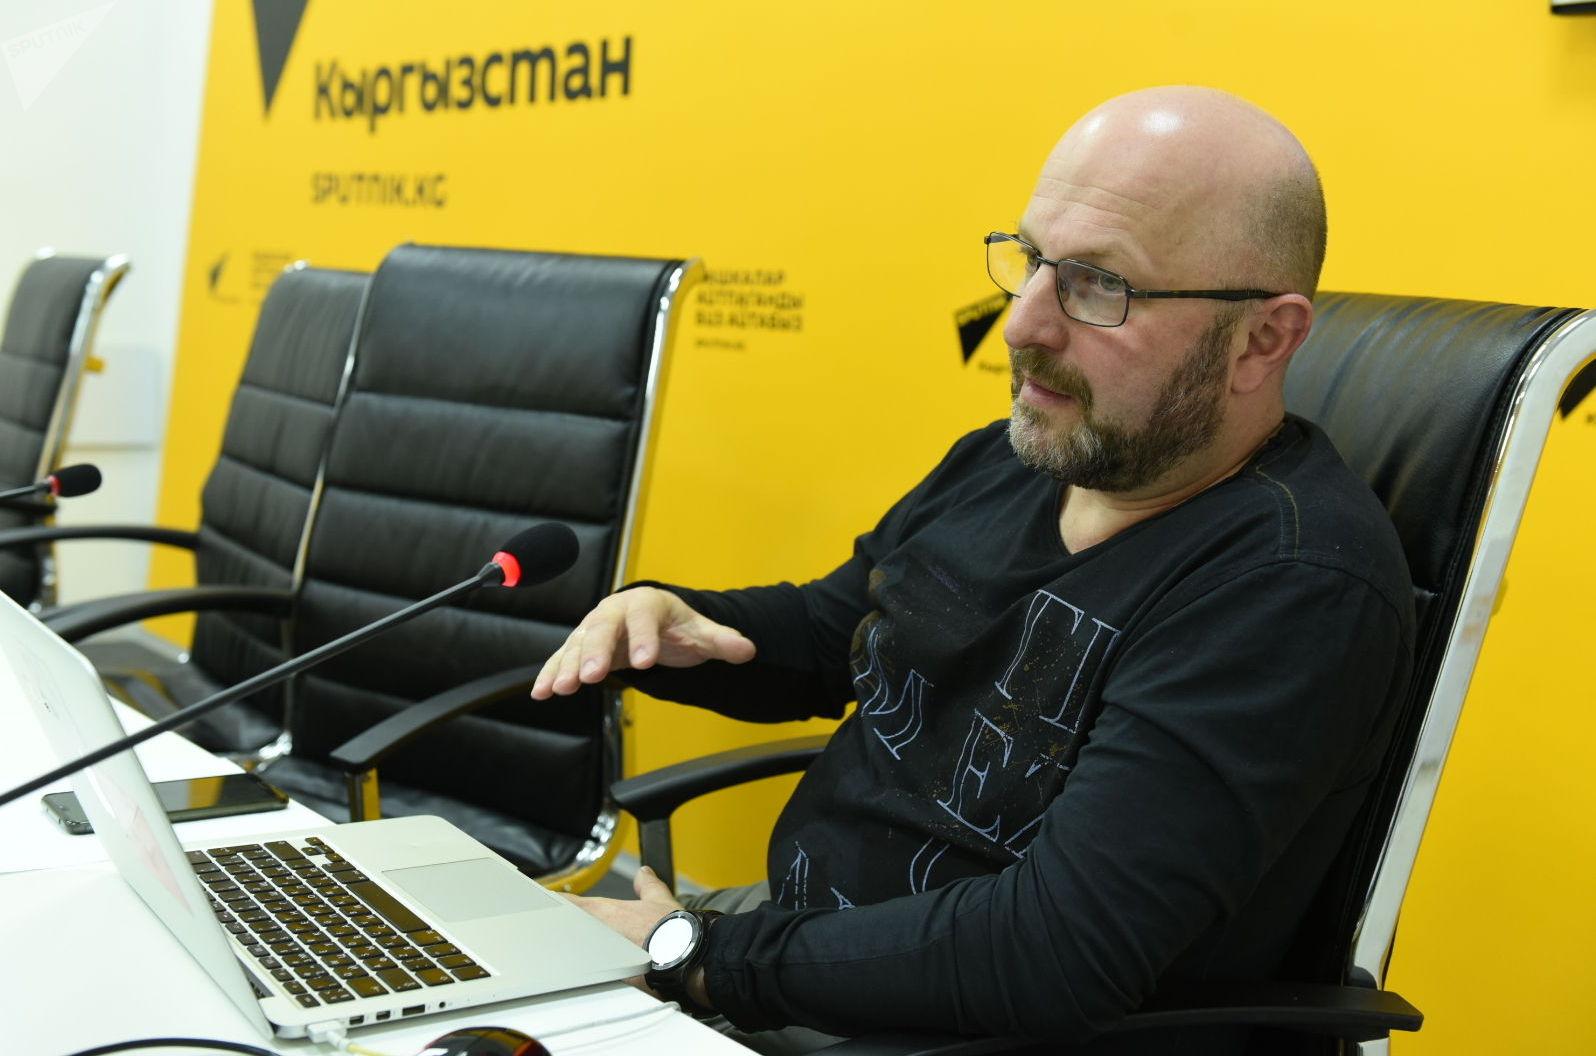 Известный фотограф Владимир Песня провел мастер-класс